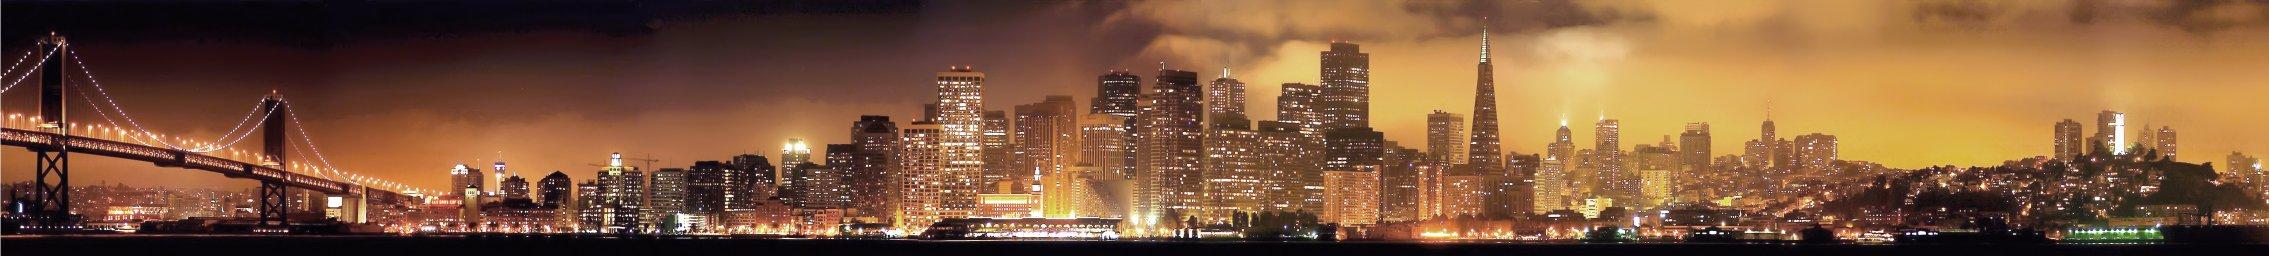 night-city-023